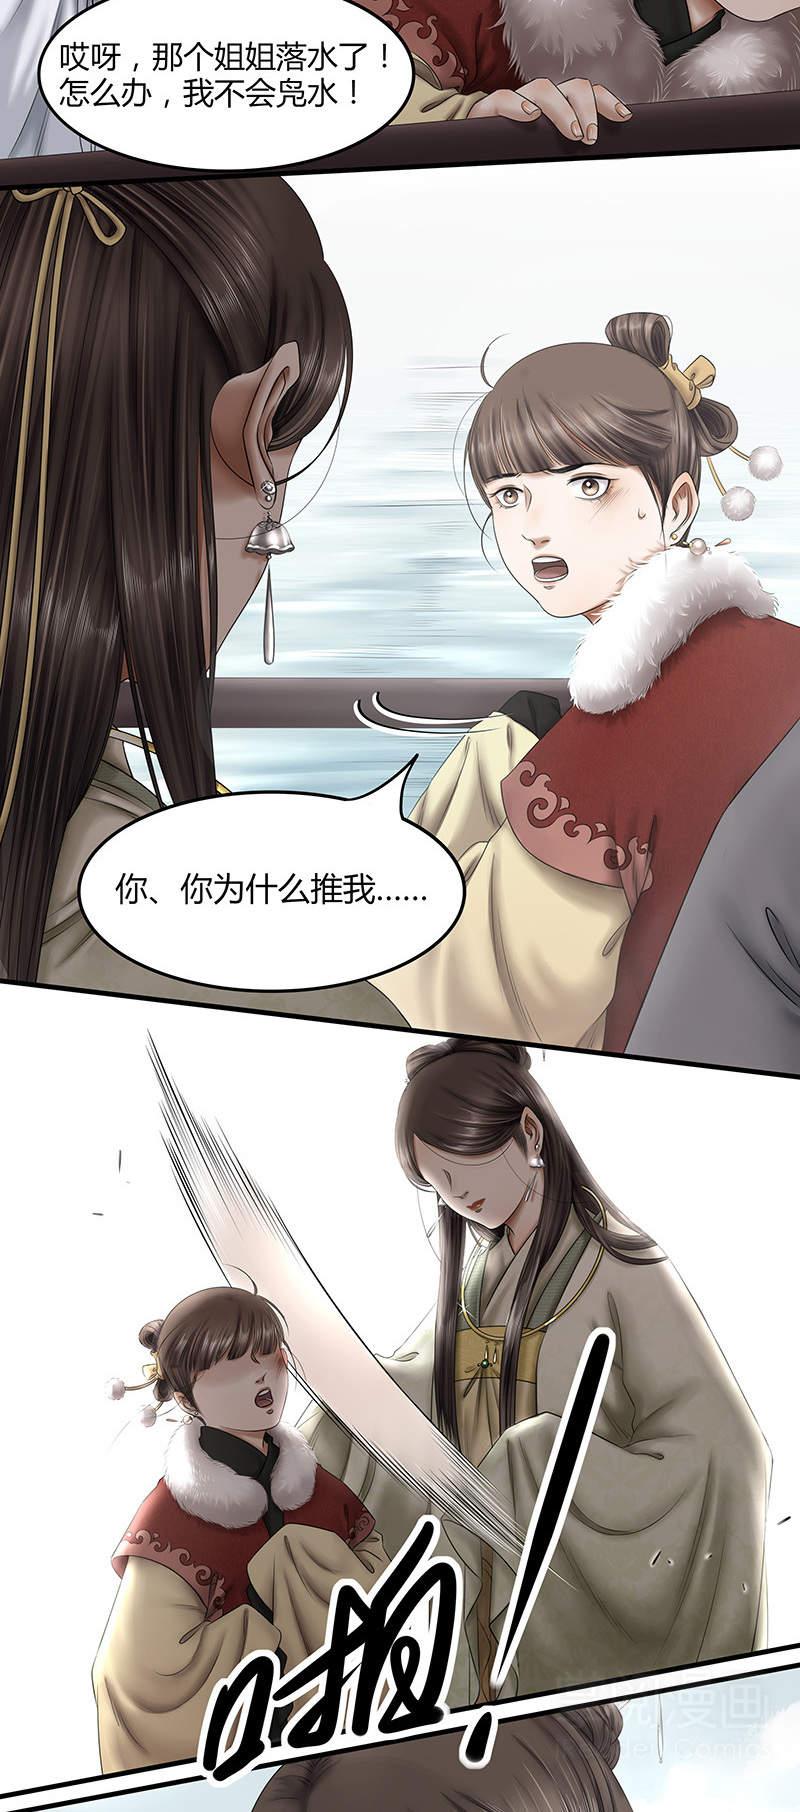 画骨女仵作第51话  落水 第 3